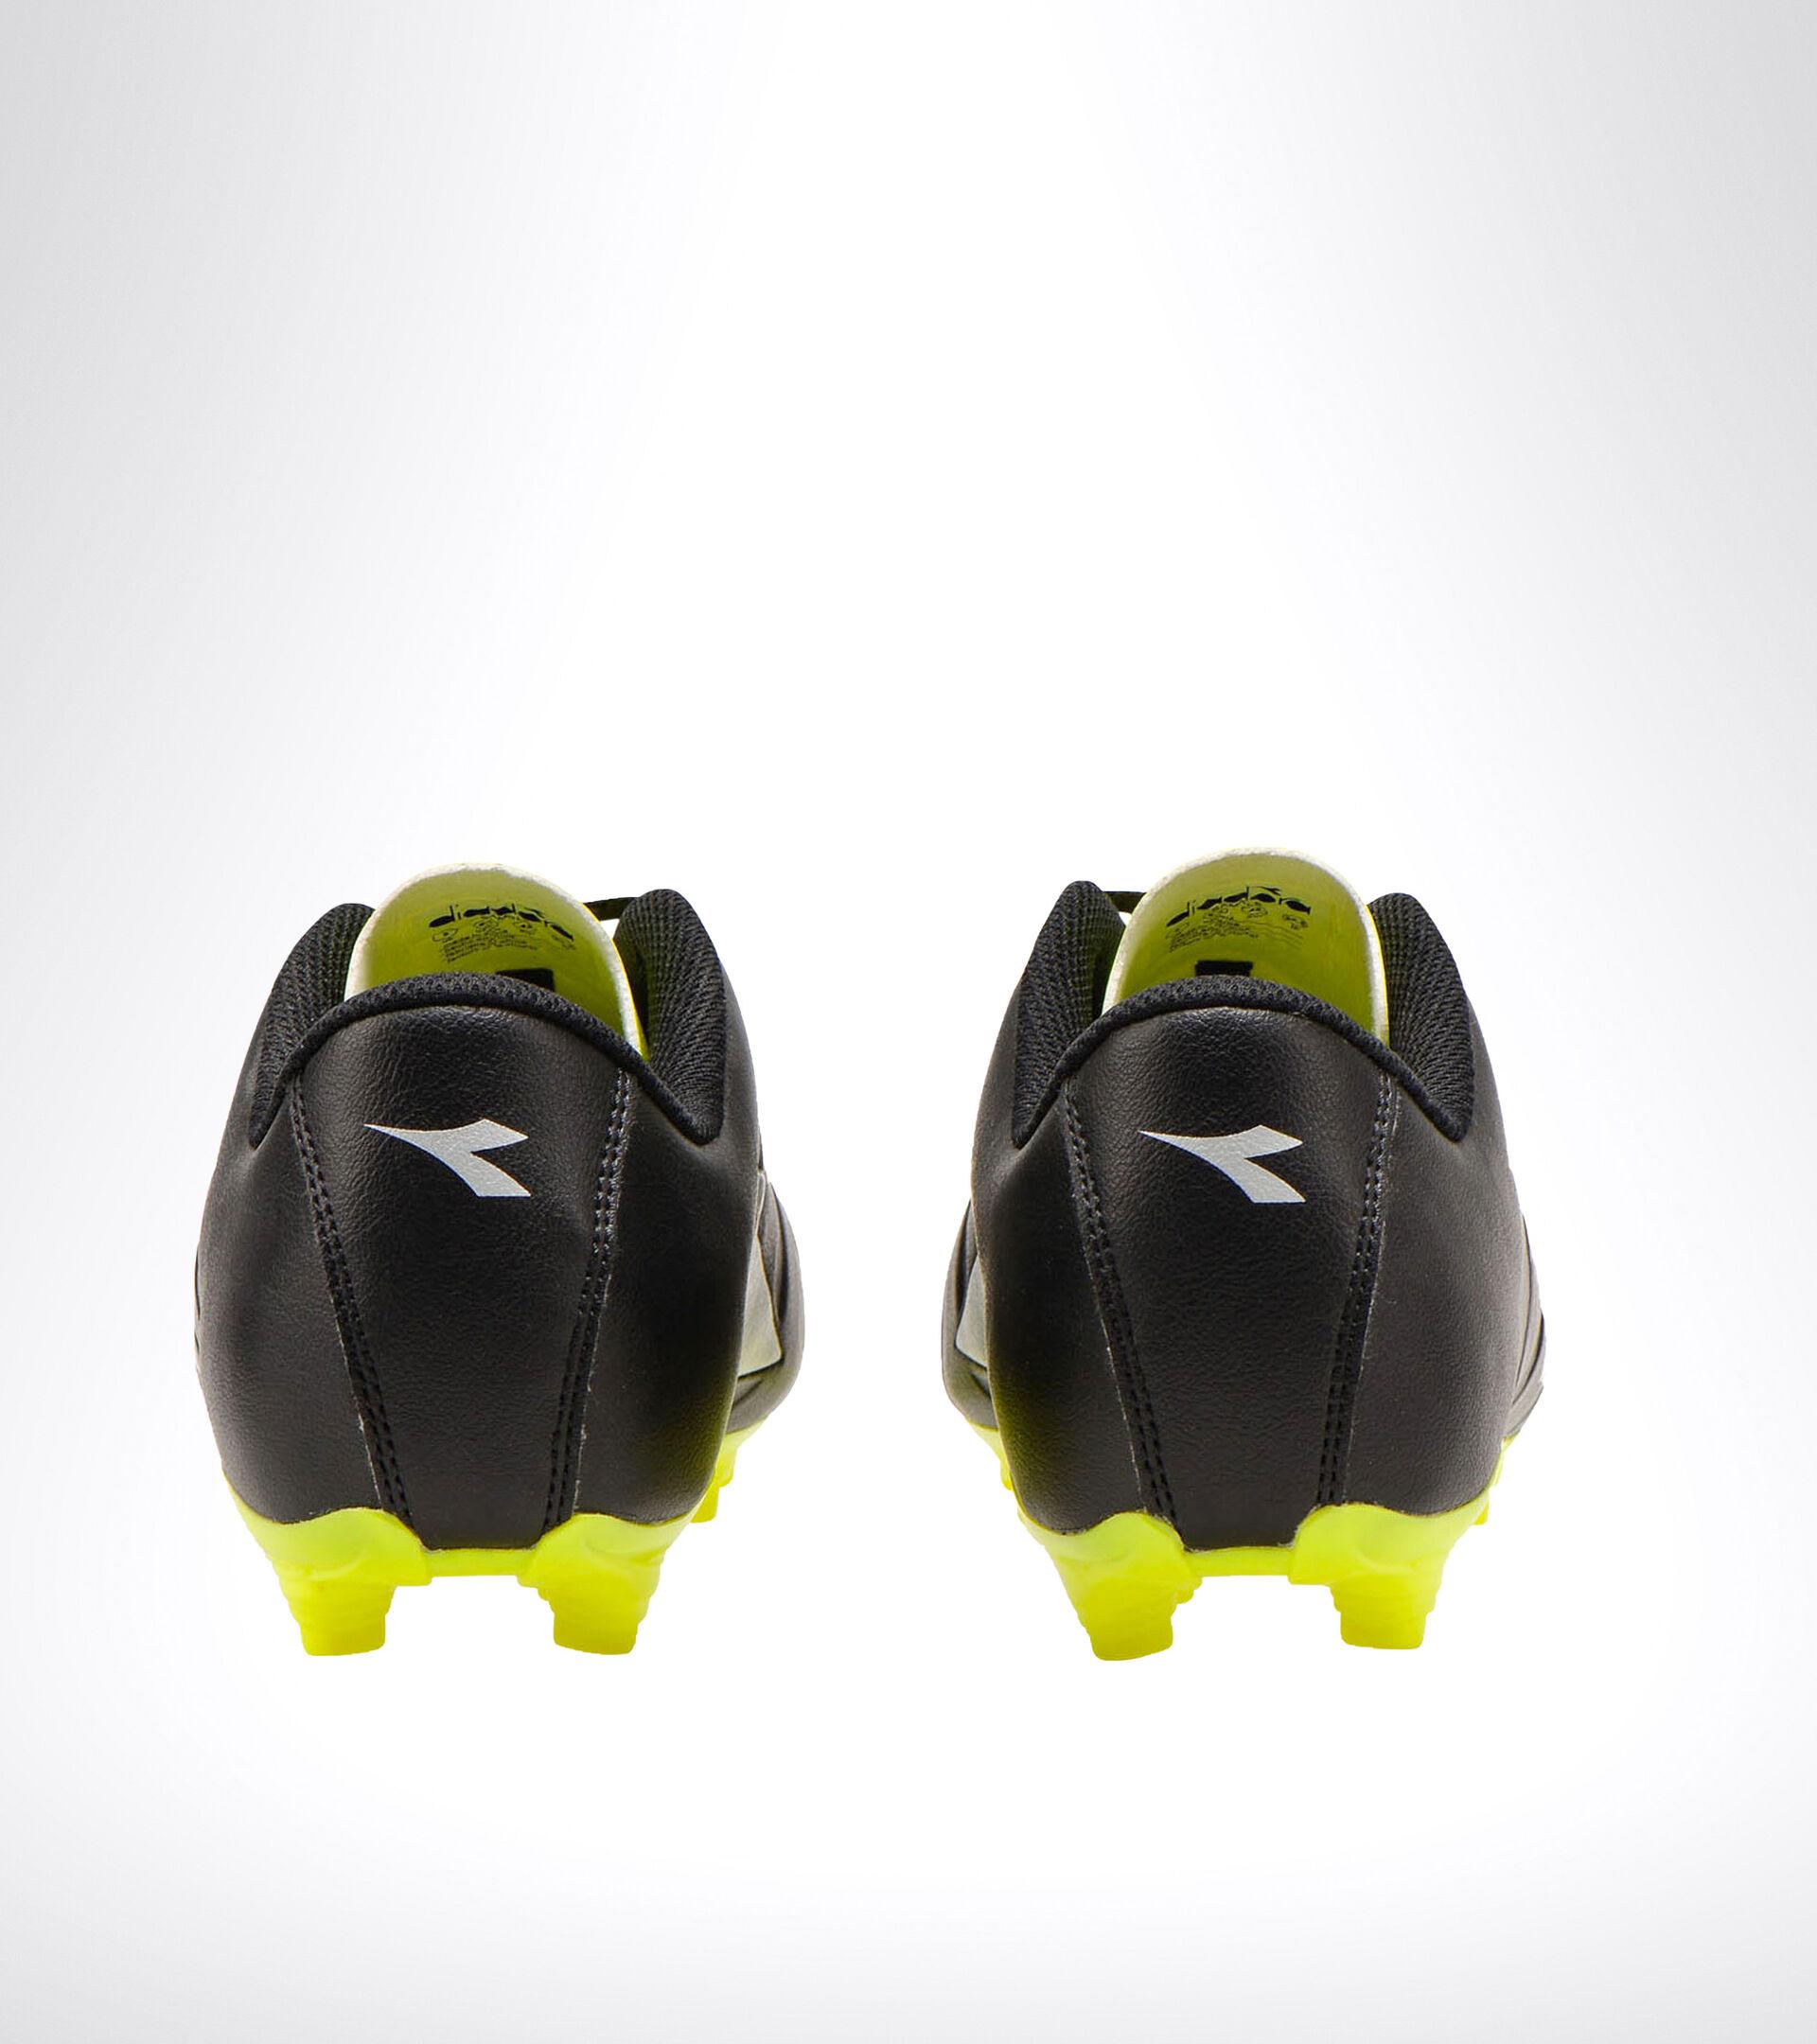 Fußballschuh für kompakte Böden PICHICHI 3 MG14 NERO/GIALLO FL DD/ARGENTO - Diadora